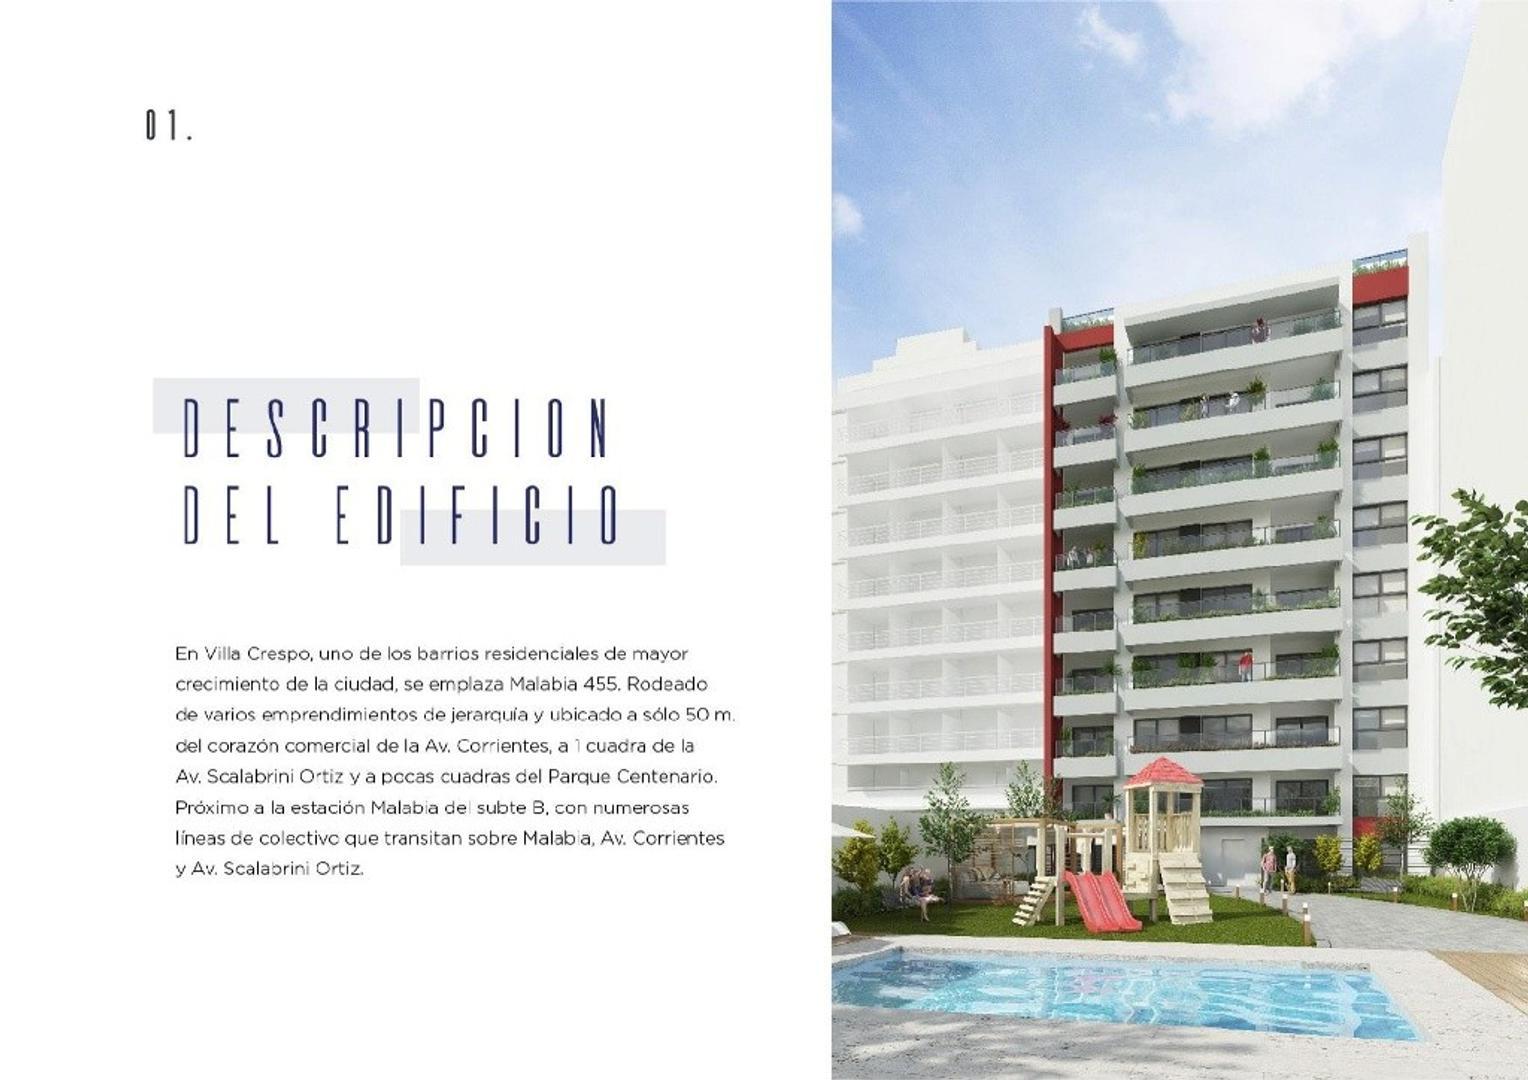 Departamento - 49 m² | 1 dormitorio | A estrenar